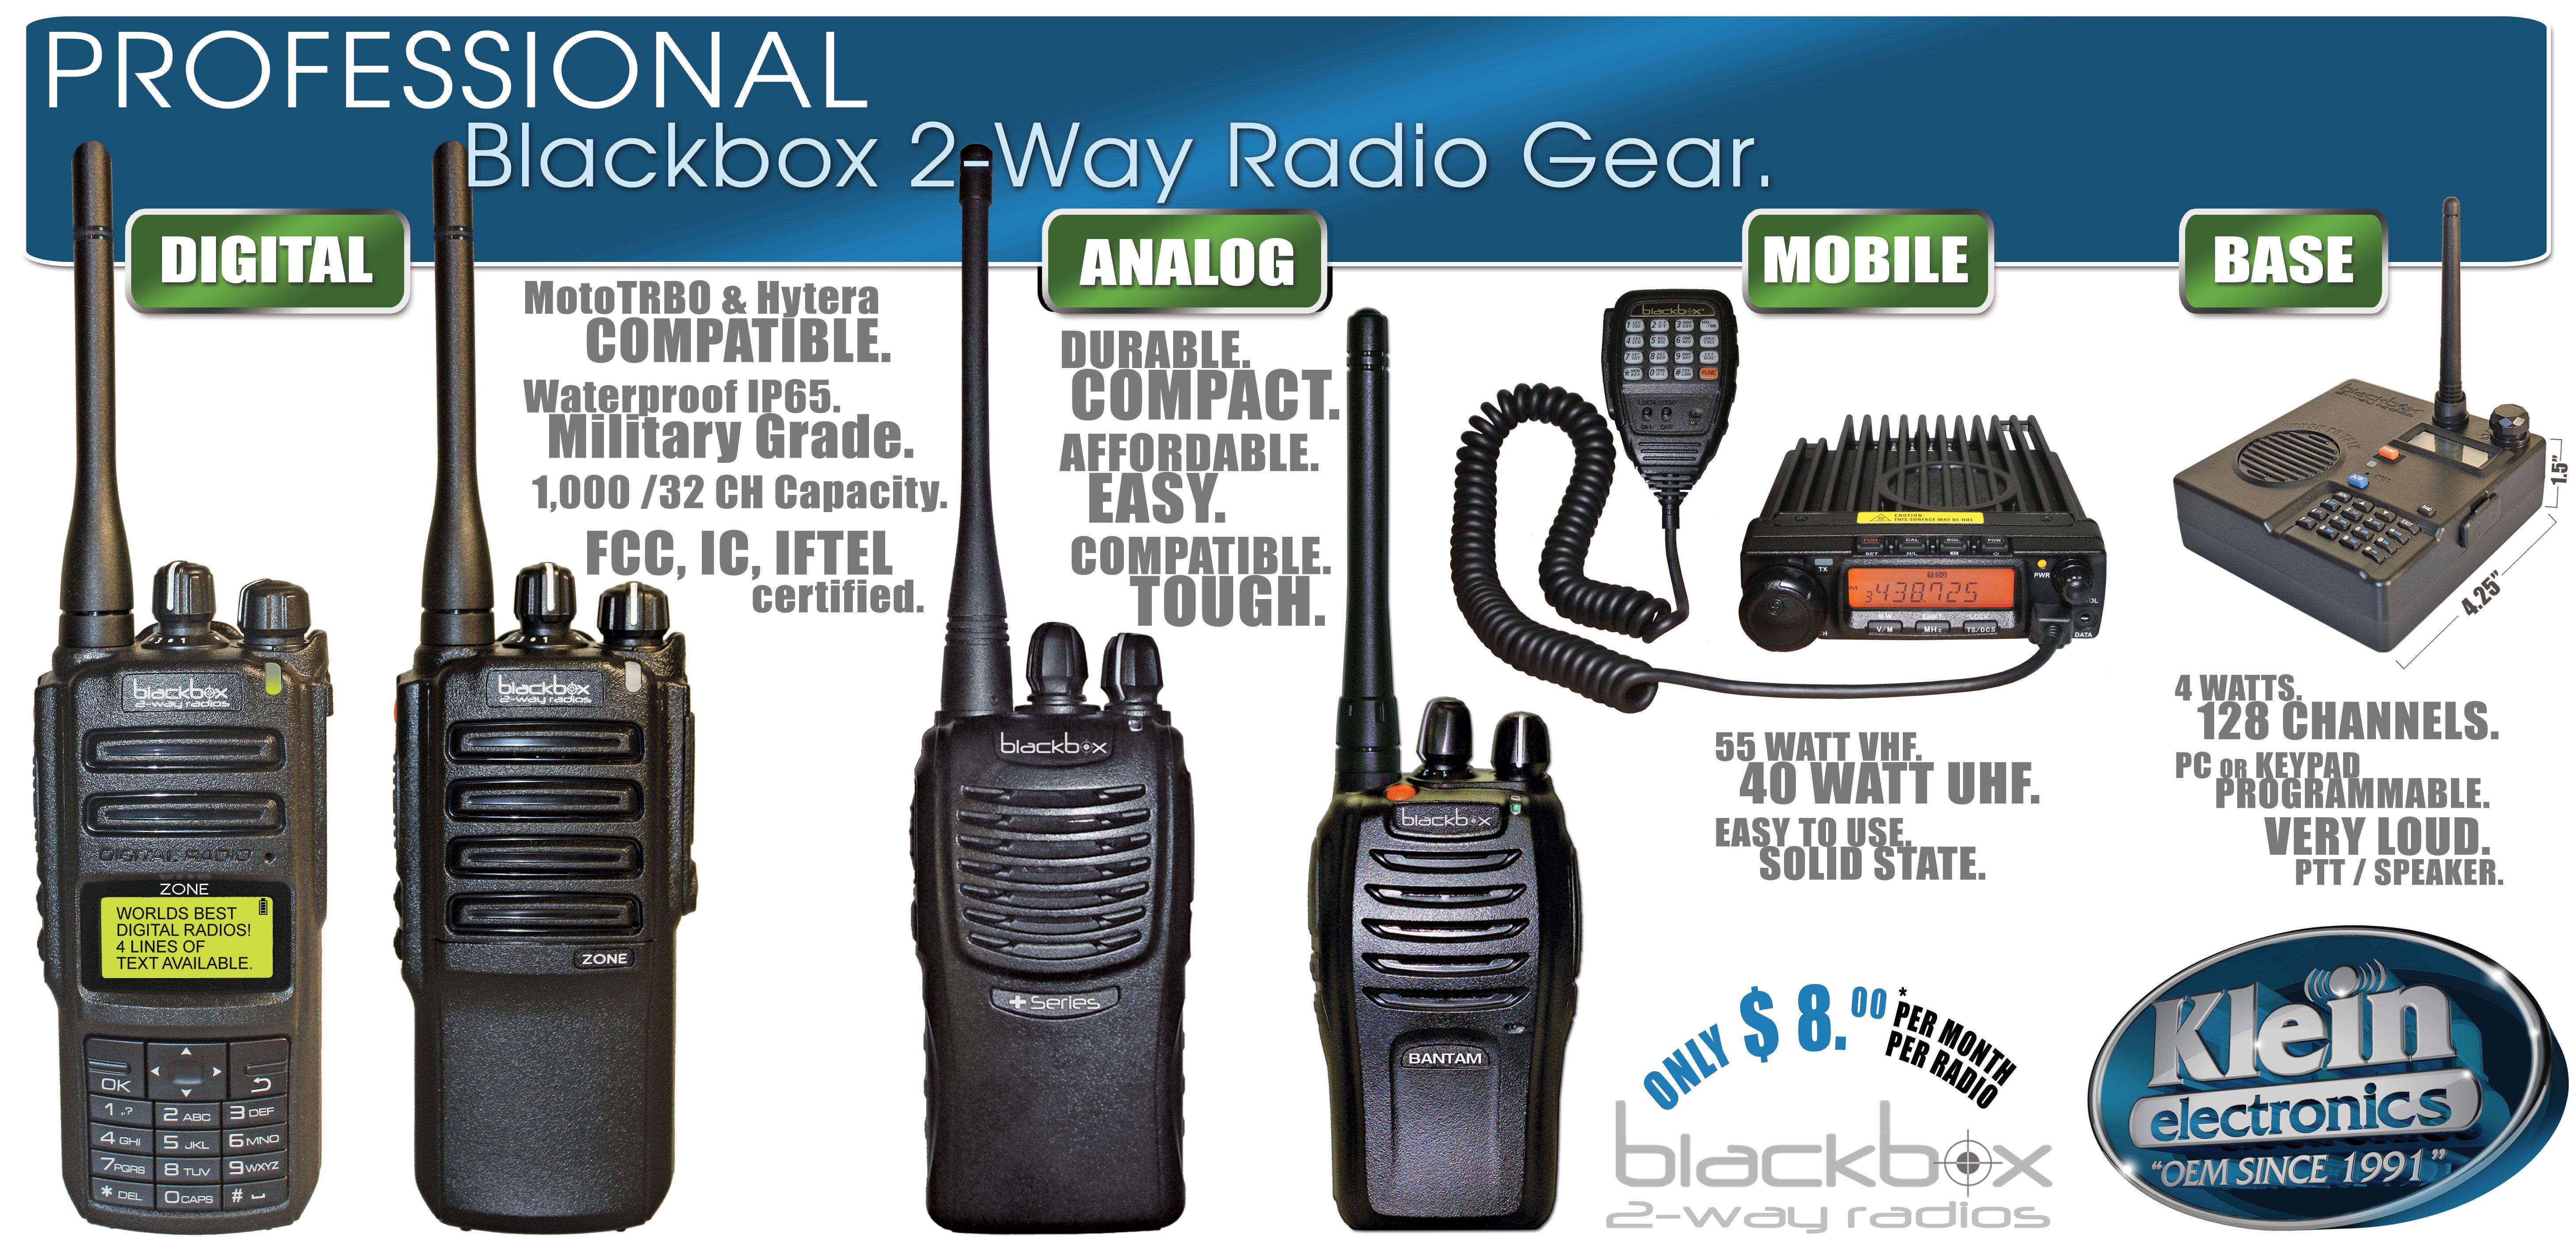 Blackbox Two Way Radio Gear